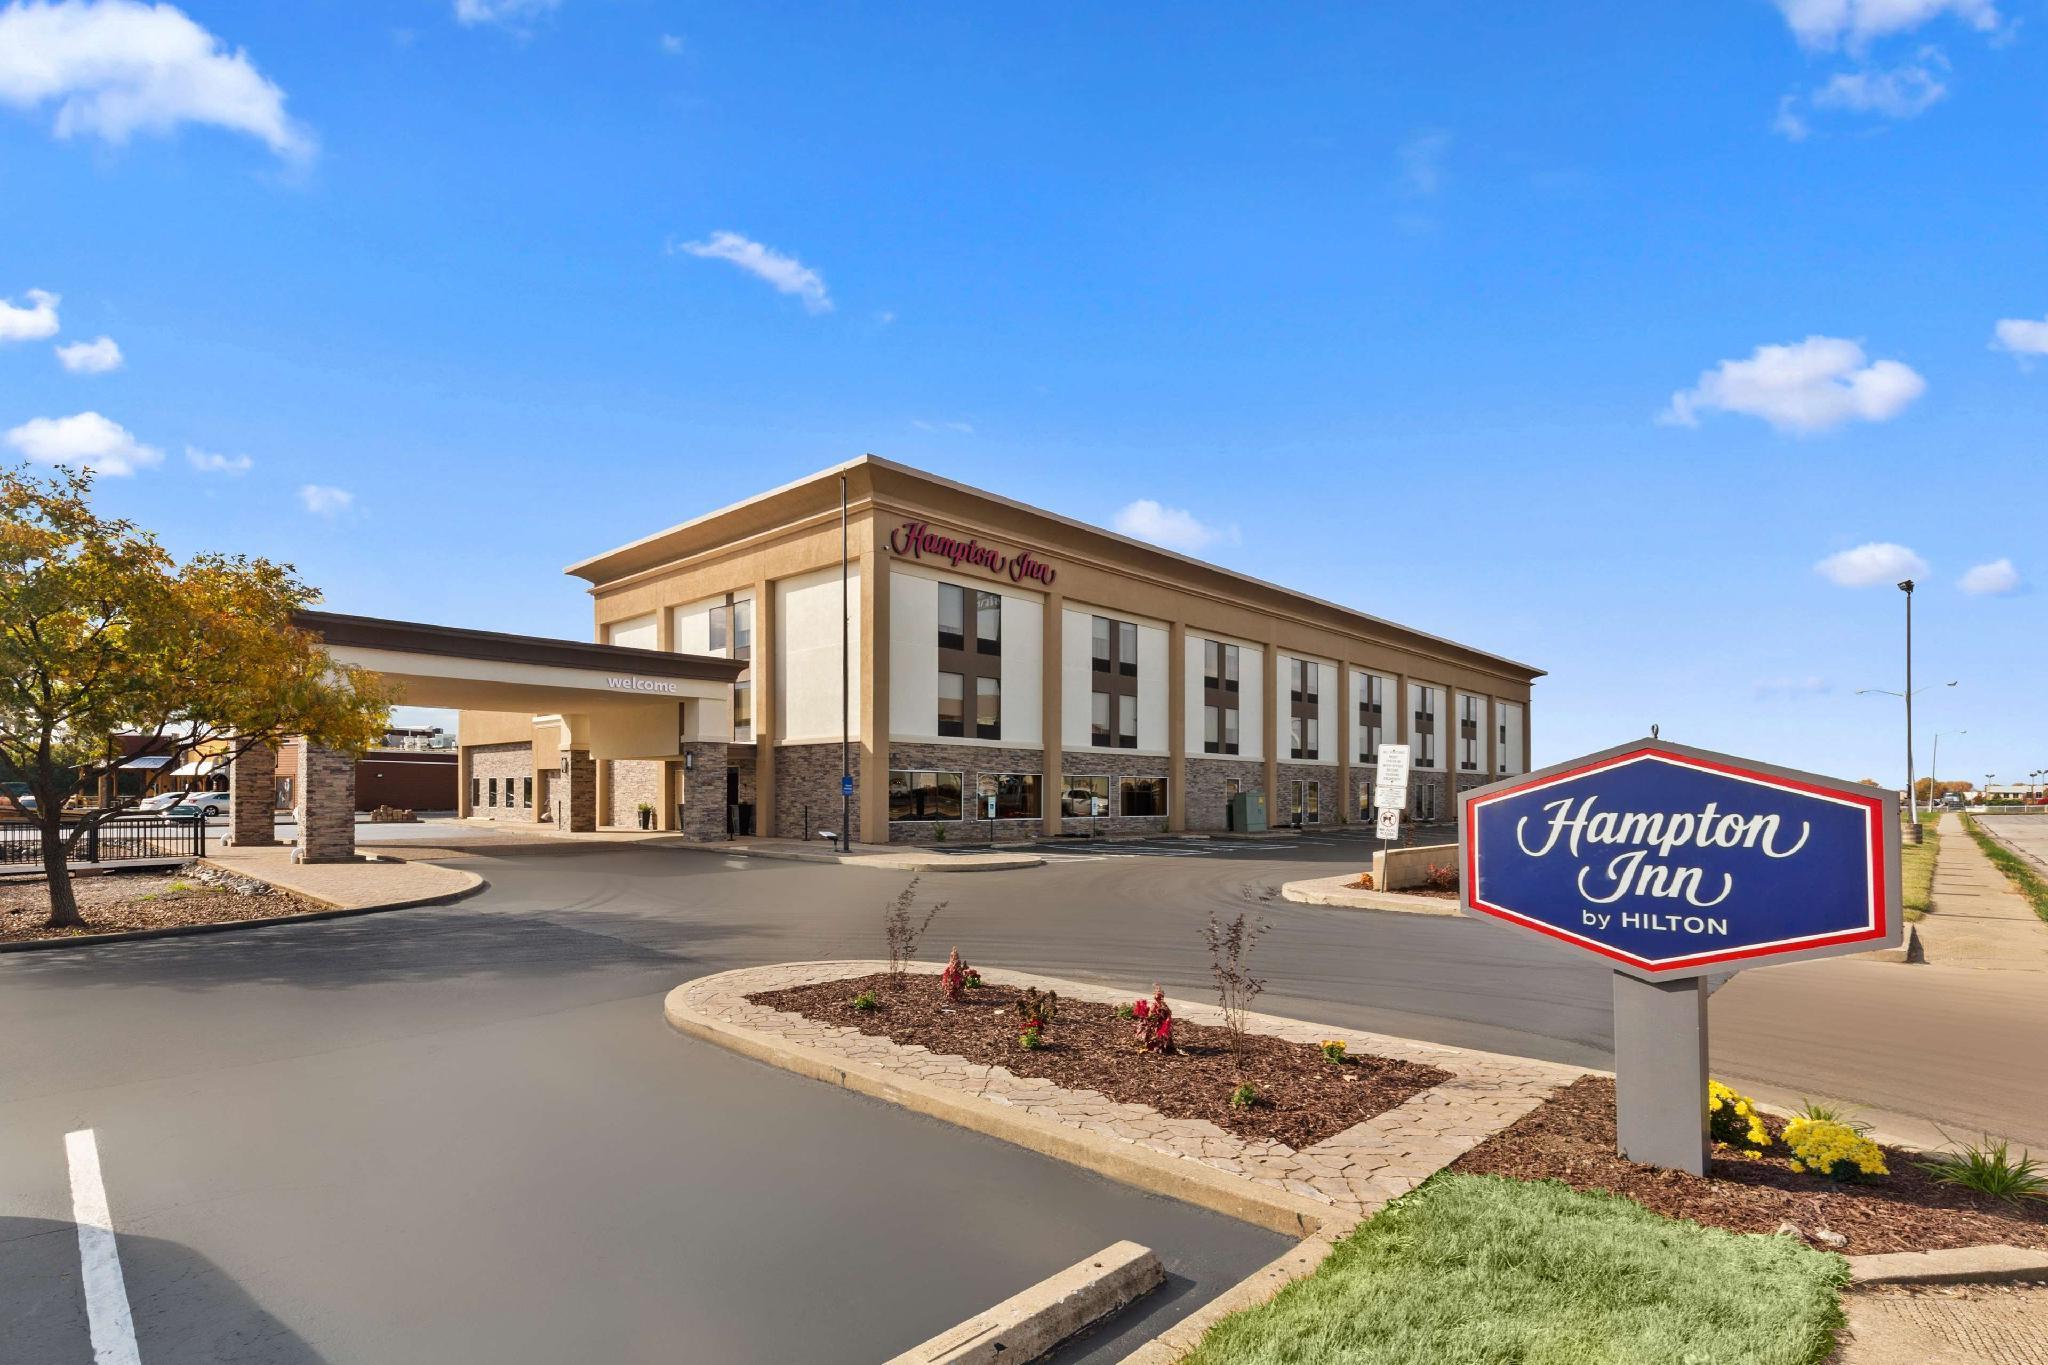 Hampton Inn St. Louis Collinsville